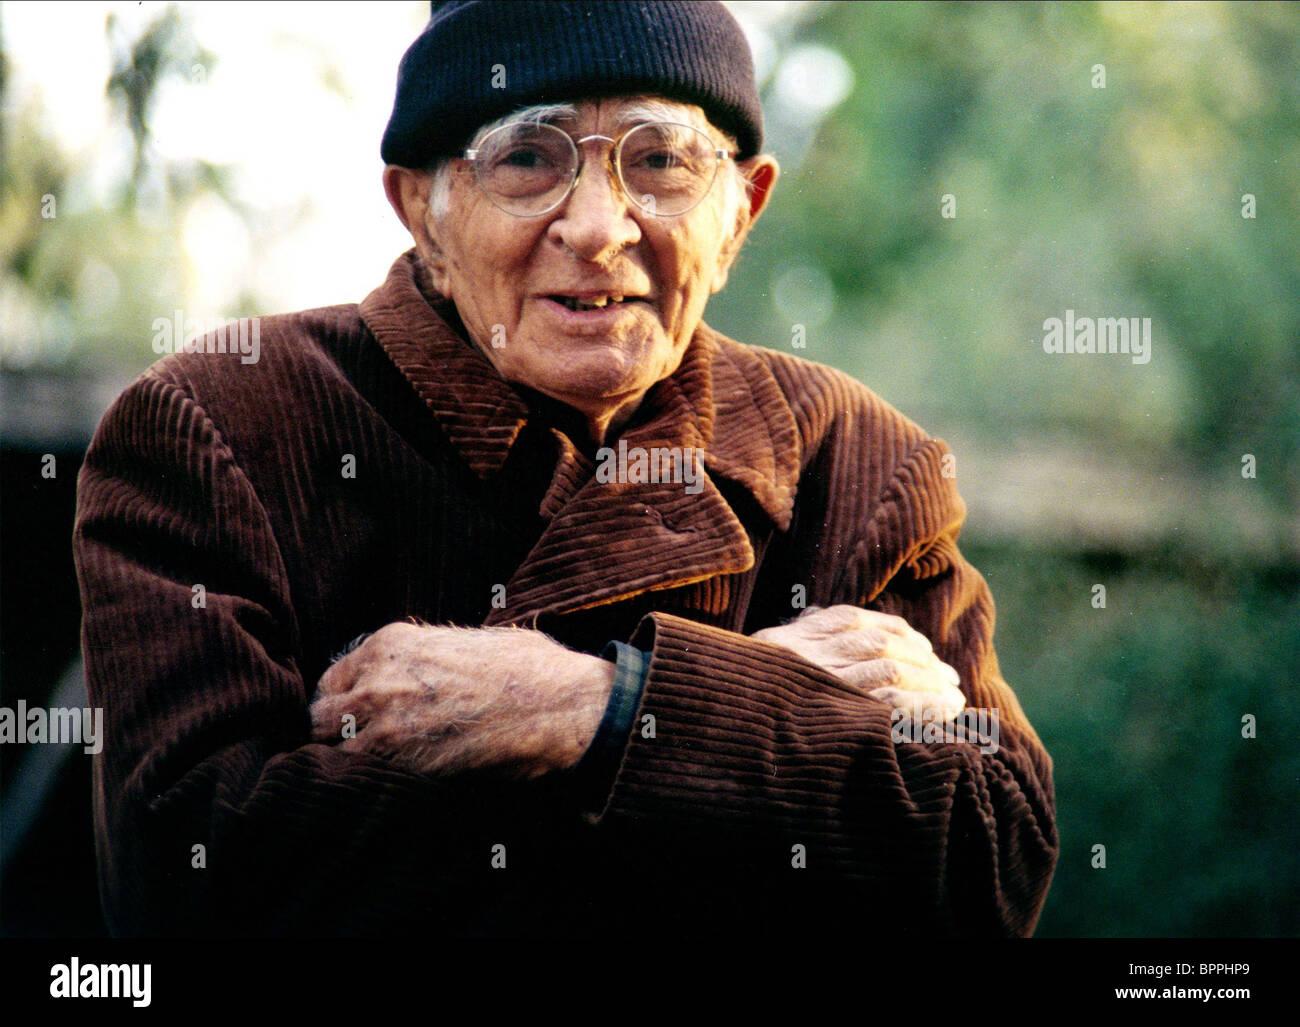 A.I. BEZZERIDES BUZZ (2005) - Stock Image